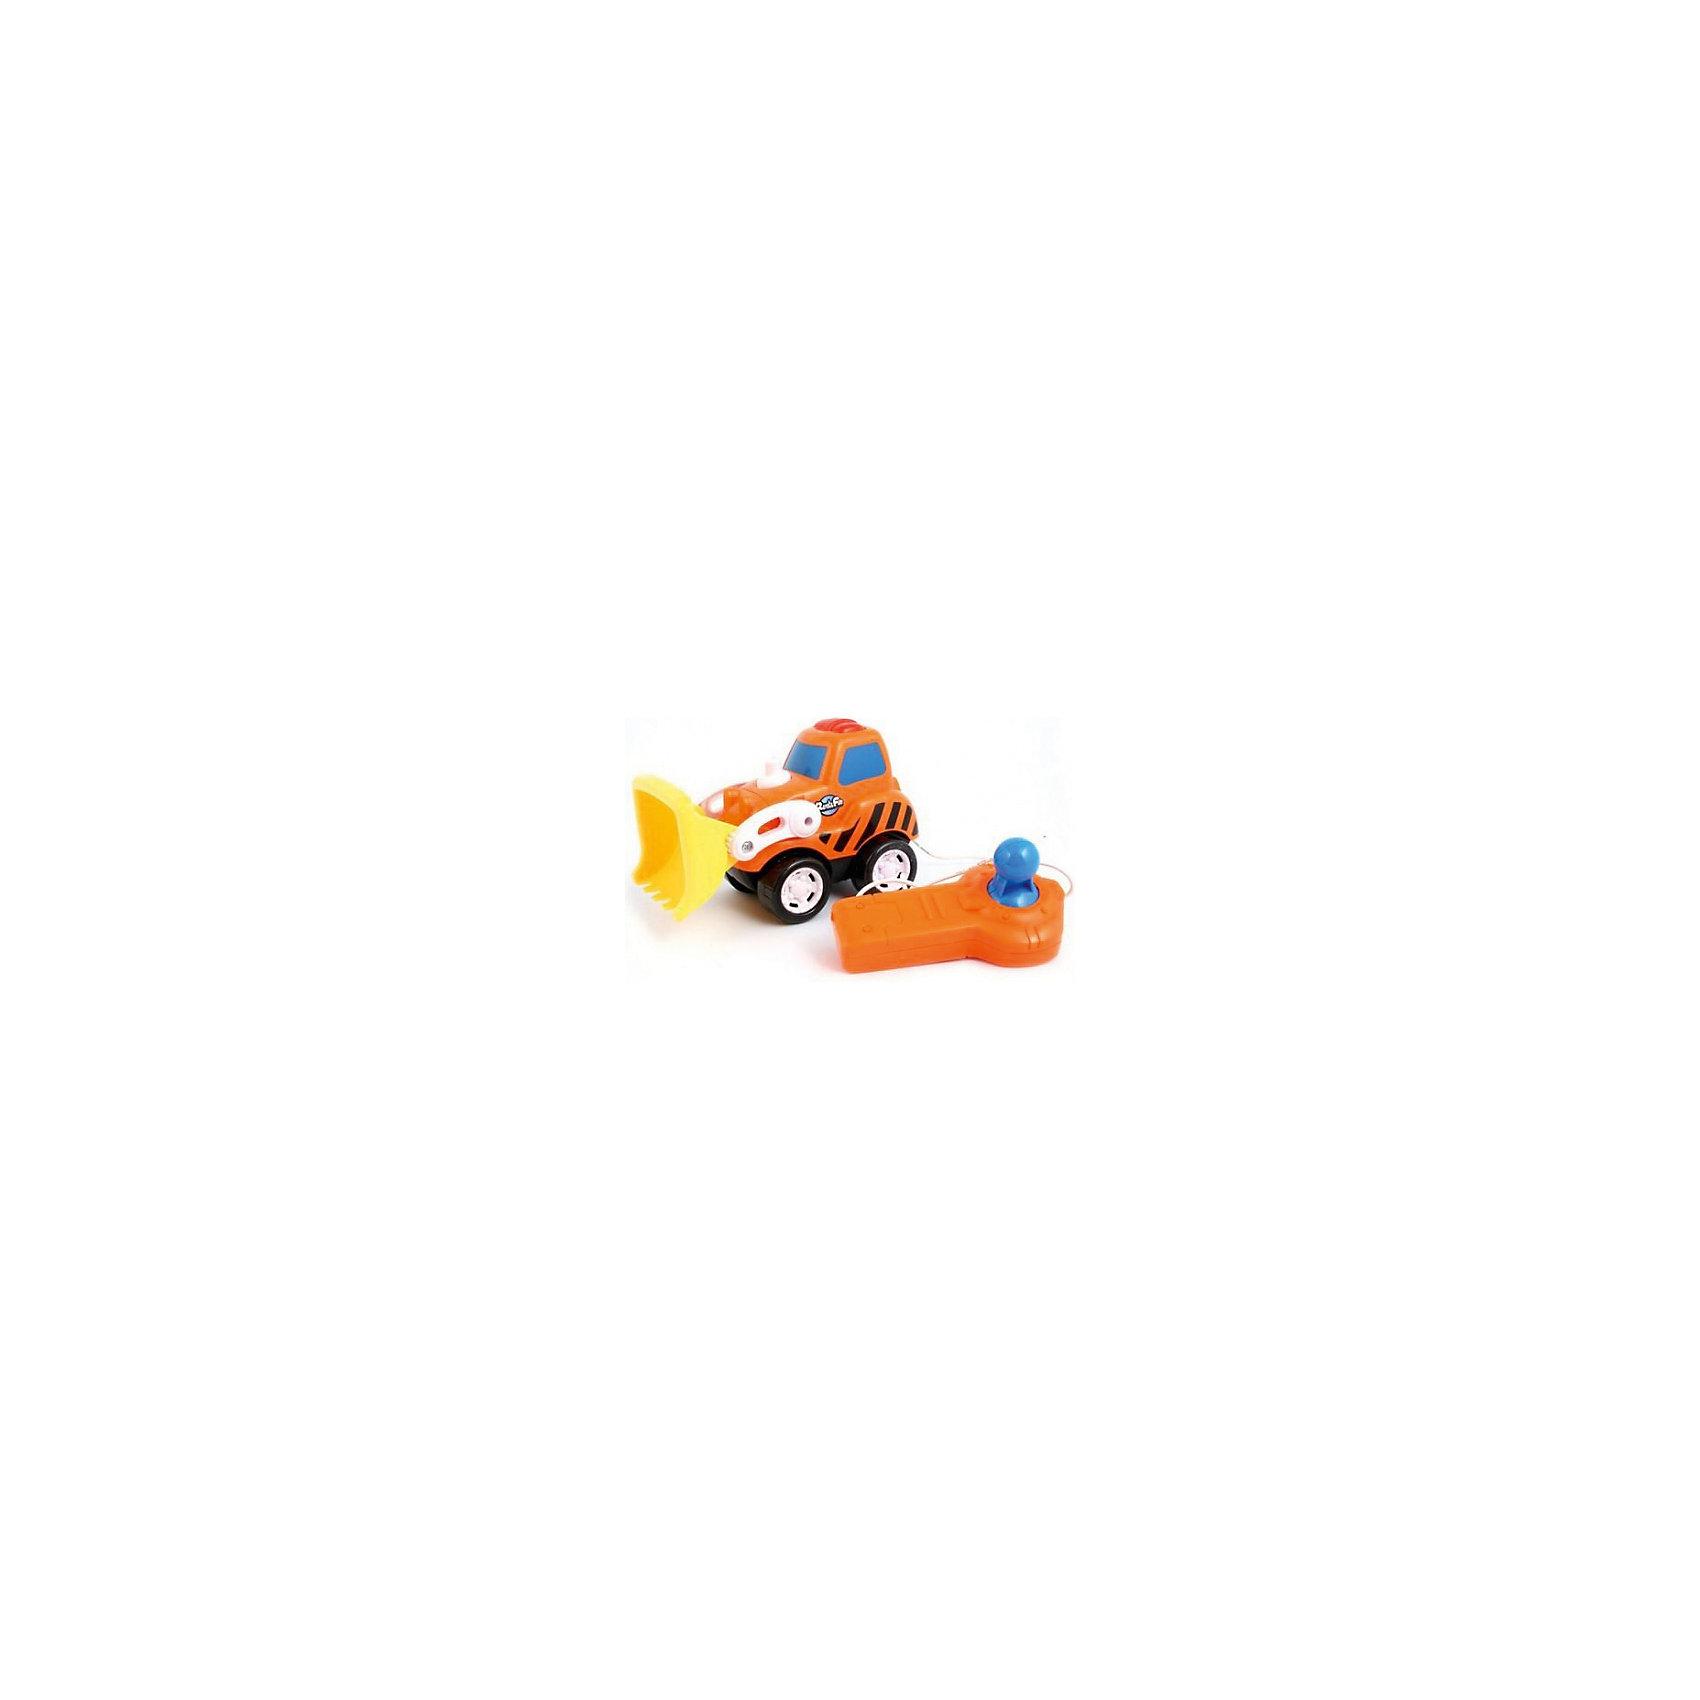 Бульдозер, со светом, р/у, KeenwayМашинки<br>Бульдозер со светом и управлением от Keenway - отличный подарок ребенку. Это красочная игрушка, которая обязательно понравится малышу. Она выполнена в виде яркой машинки, так похожей на настоящую. Управлять машиной можно при помощи пульта, соединенного с ней проводом (длина провода - 85 см). На игрушке также загорается свет!<br>Игрушка по габаритам идеально подходит для маленьких ручек малыша. Весит совсем немного. Такие игрушки помогают развить мелкую моторику, логическое мышление и воображение ребенка. Эта игрушка выполнена из высококачественного прочного пластика, безопасного для детей.<br>  <br>Дополнительная информация:<br><br>цвет: разноцветный;<br>материал: пластик;<br>размер упаковки: 29 х 10.8 х 15.3  см;<br>батарейки: 2ХхАА, в комплекте;<br>вес: 580 г.<br><br>Бульдозер, со светом, р/у, от компании Keenway можно купить в нашем магазине.<br><br>Ширина мм: 88<br>Глубина мм: 381<br>Высота мм: 203<br>Вес г: 580<br>Возраст от месяцев: 36<br>Возраст до месяцев: 120<br>Пол: Мужской<br>Возраст: Детский<br>SKU: 4810964